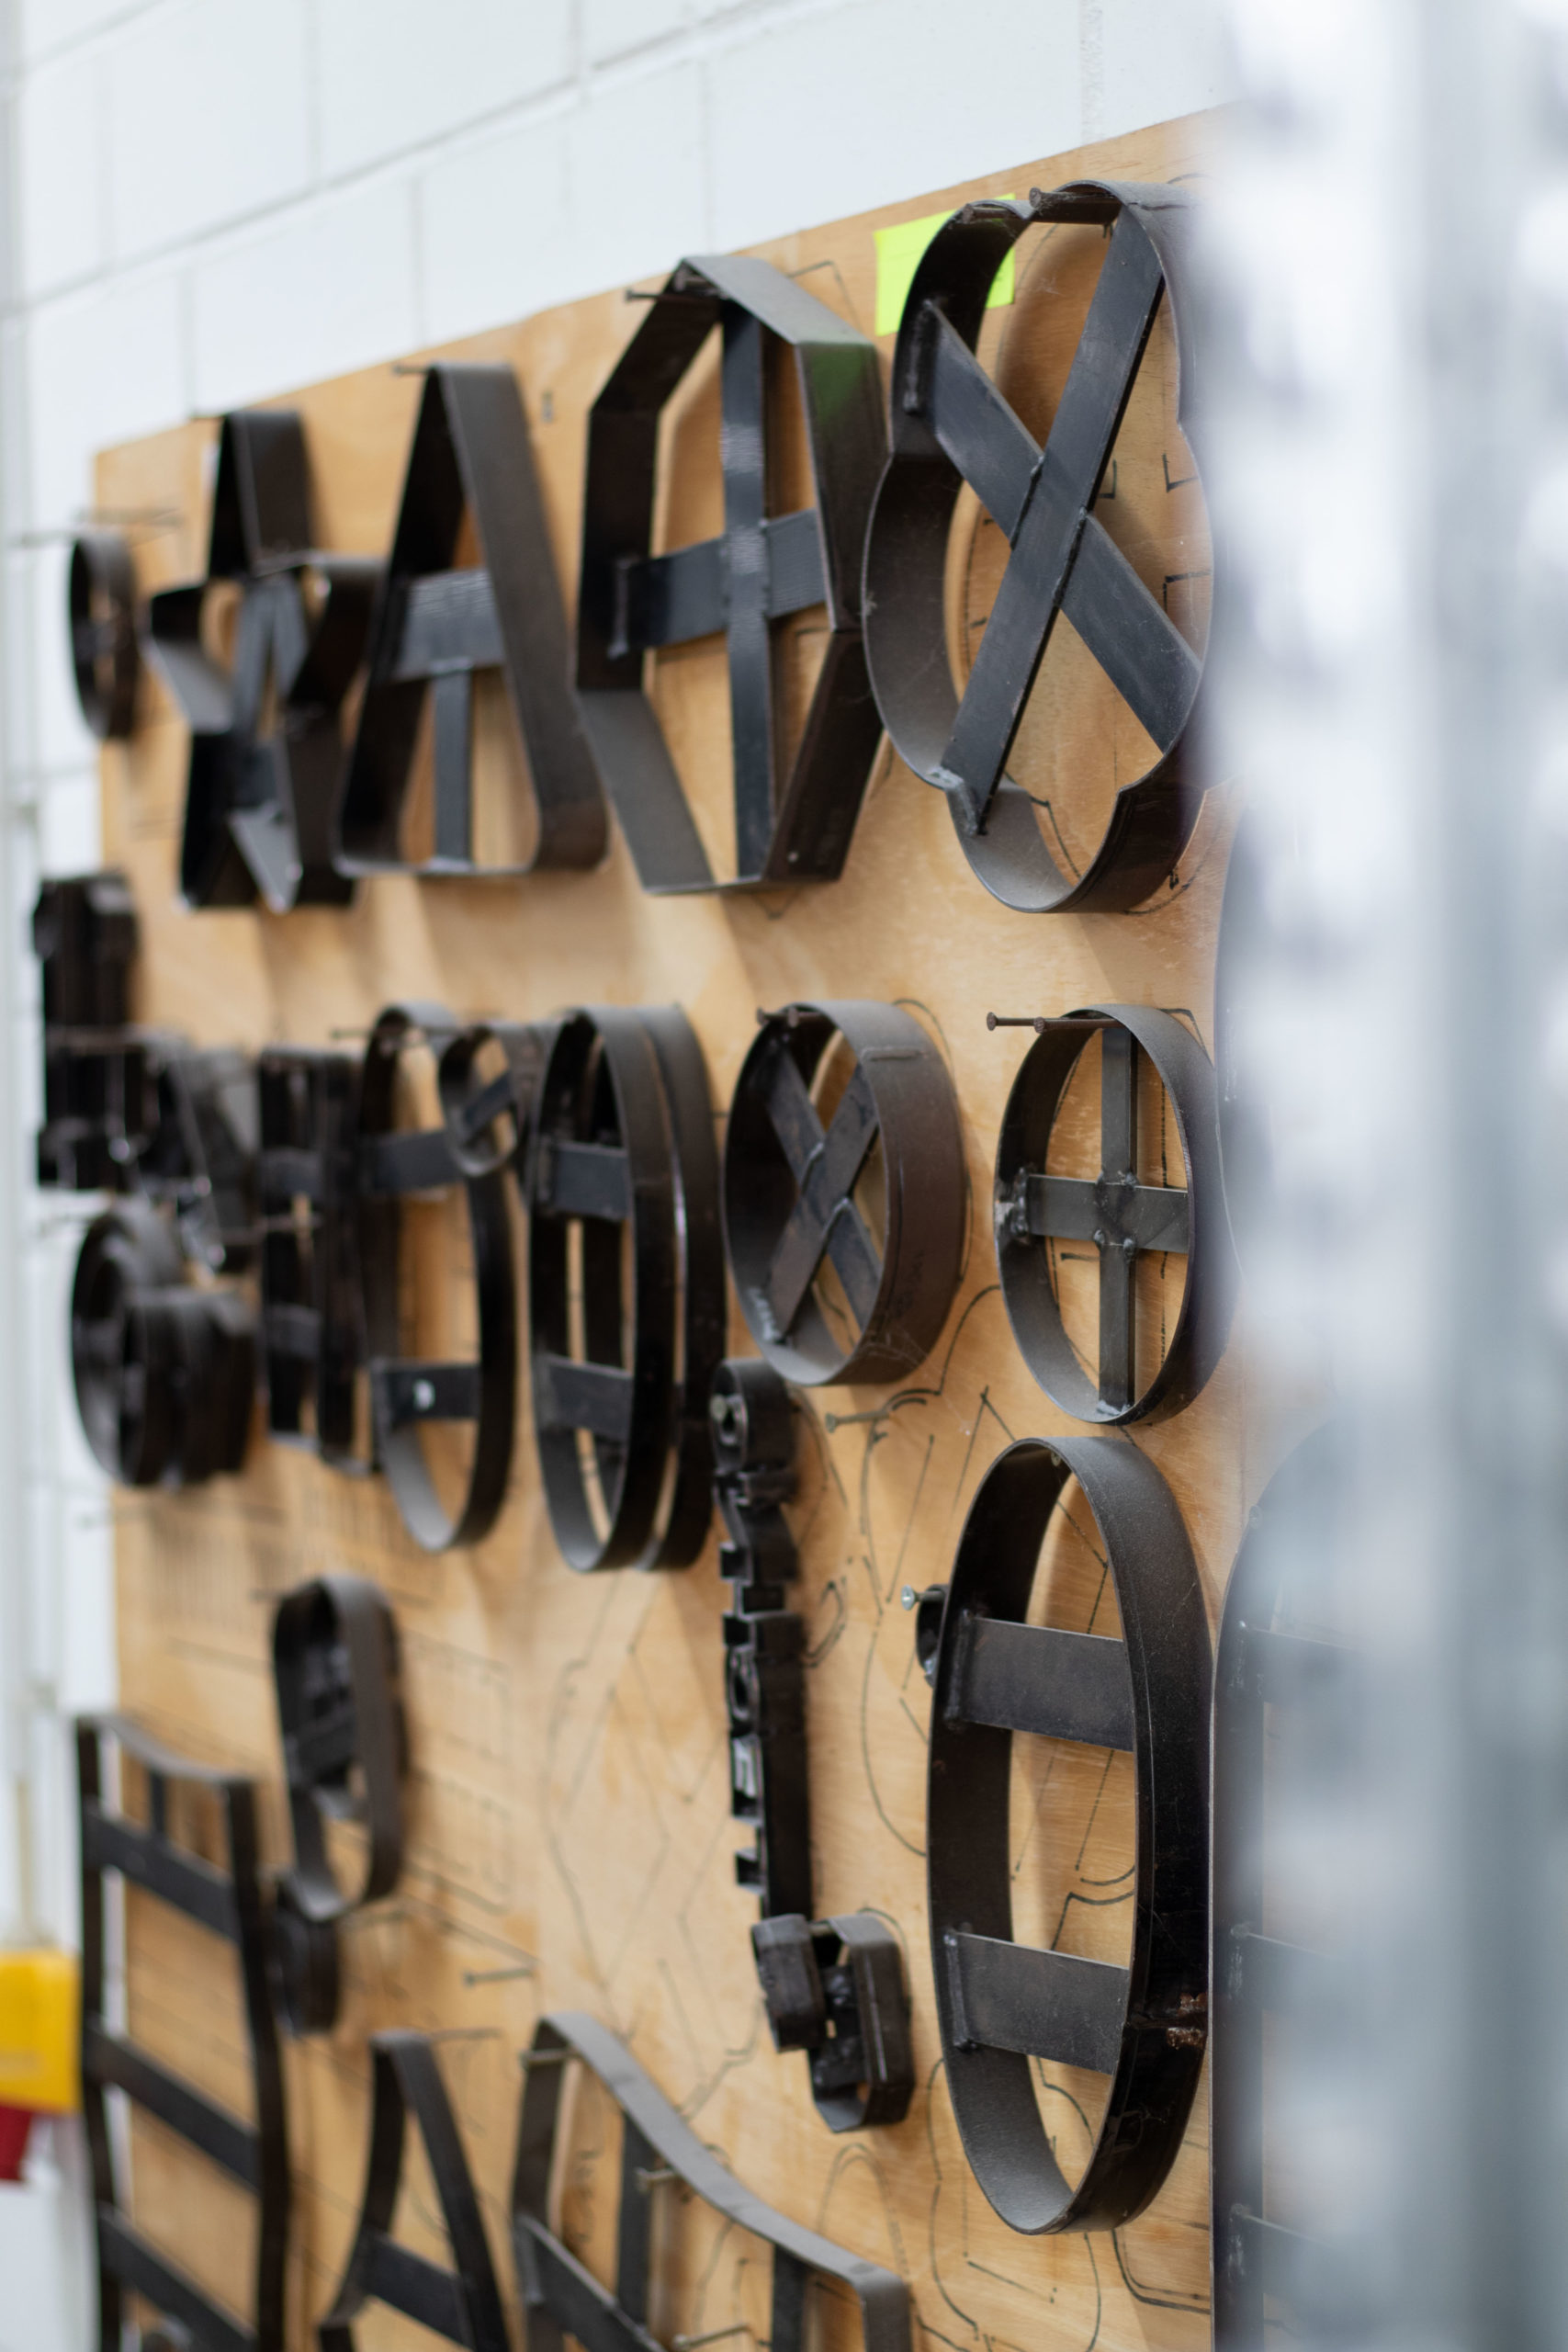 Stanzformen an einer Wand in einer Produktionshalle